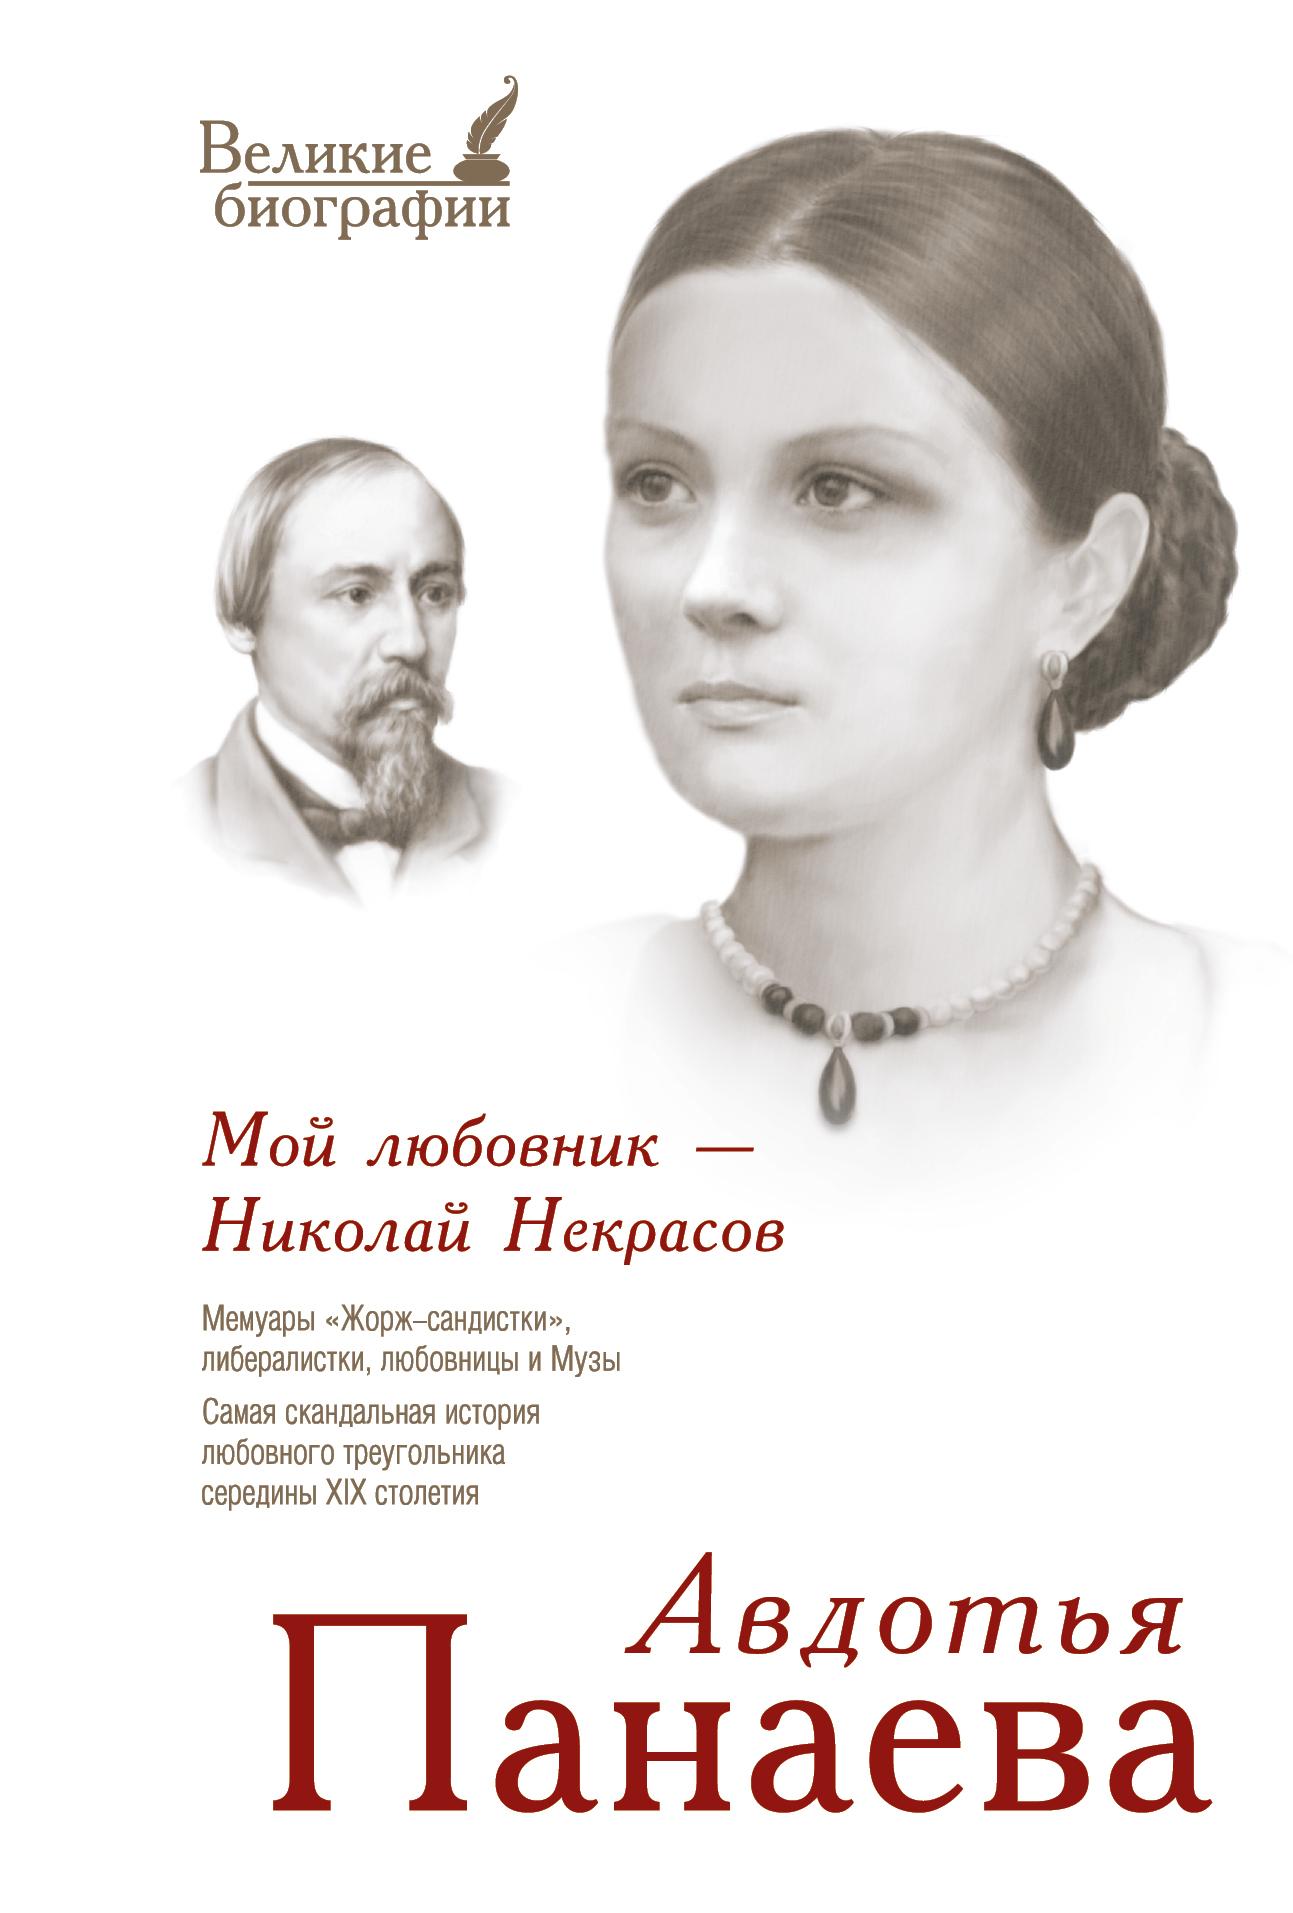 Мой любовник - Николай Некрасов